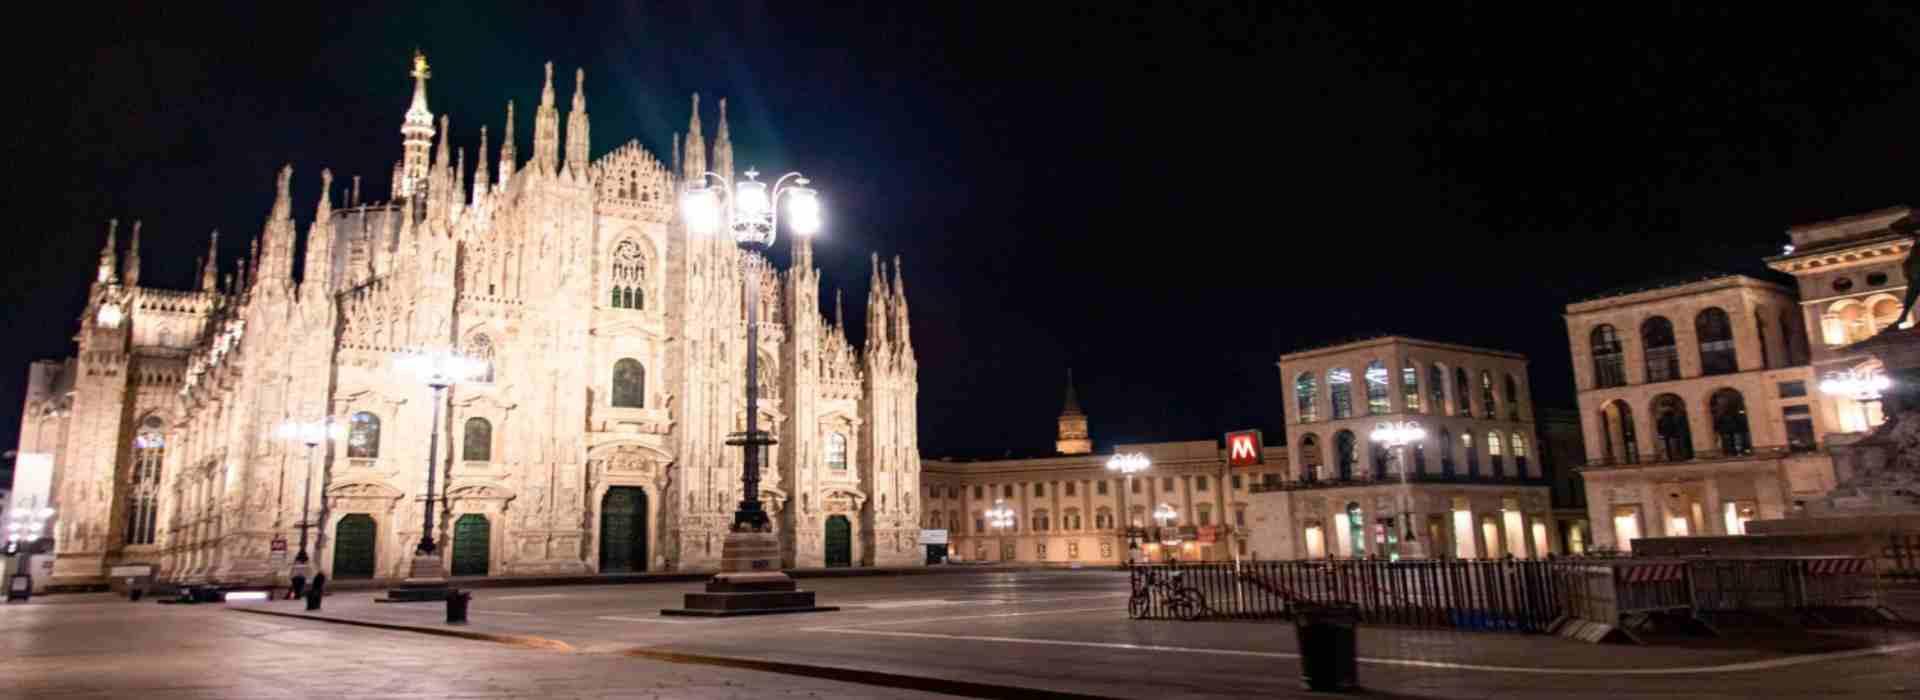 Piazza deserta Milano in lockdown